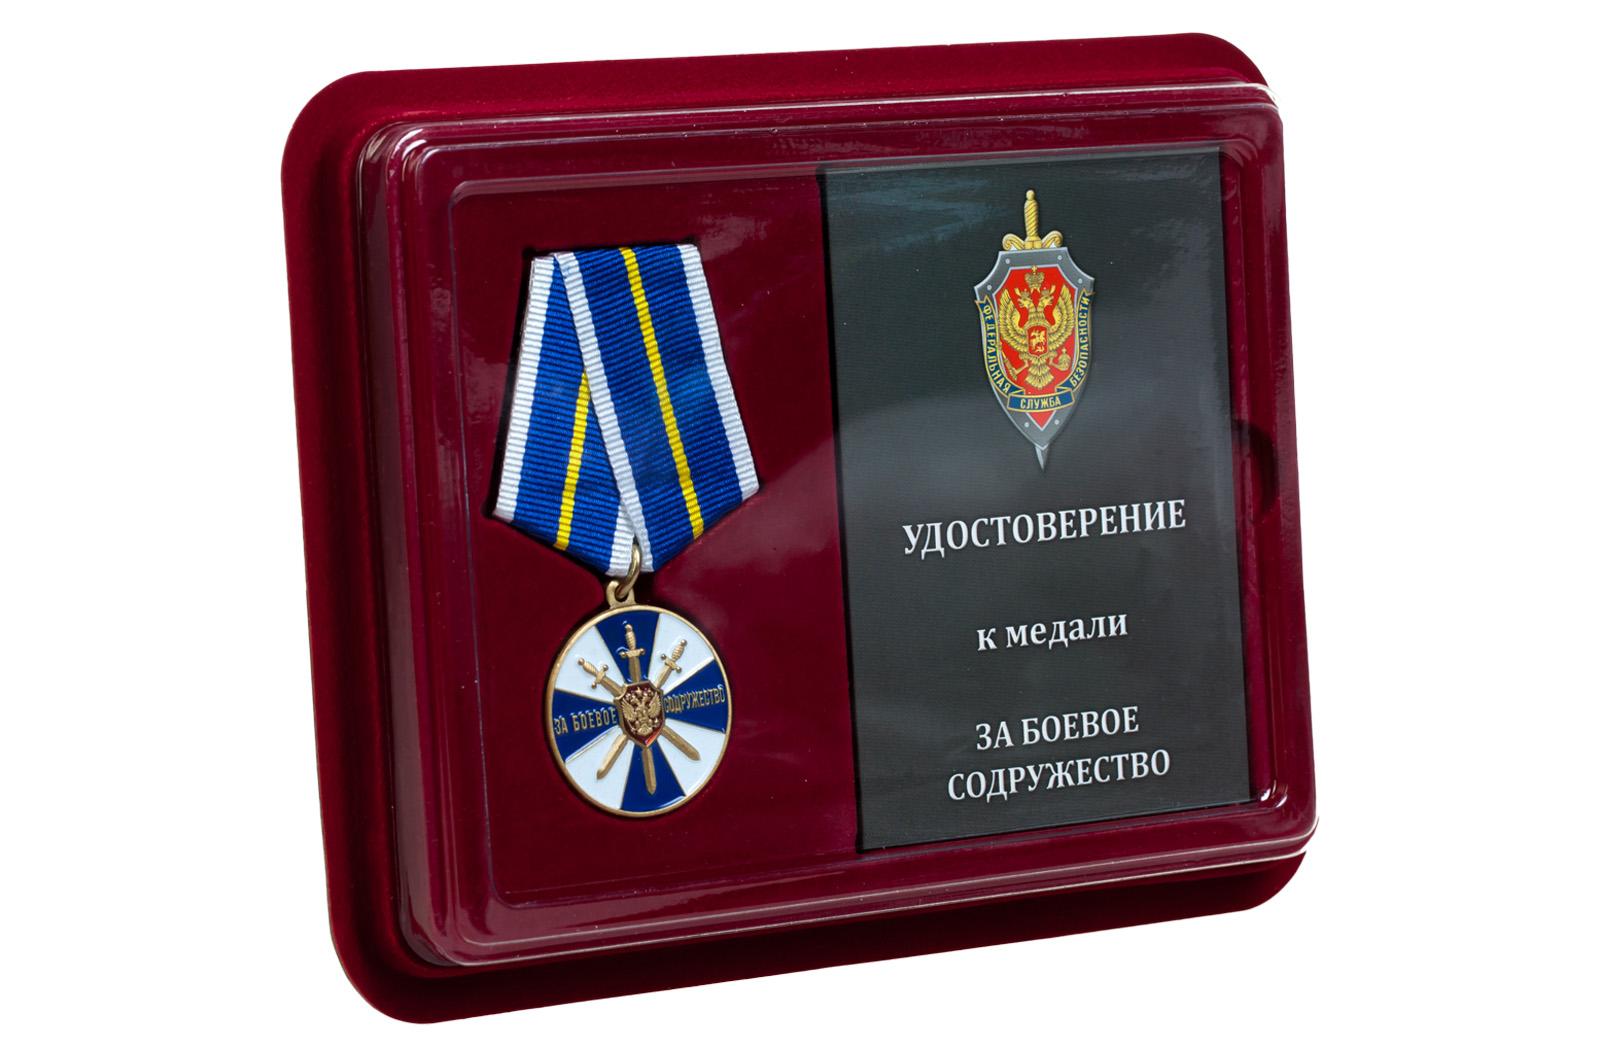 Купить медаль ФСБ России За боевое содружество оптом или в розницу